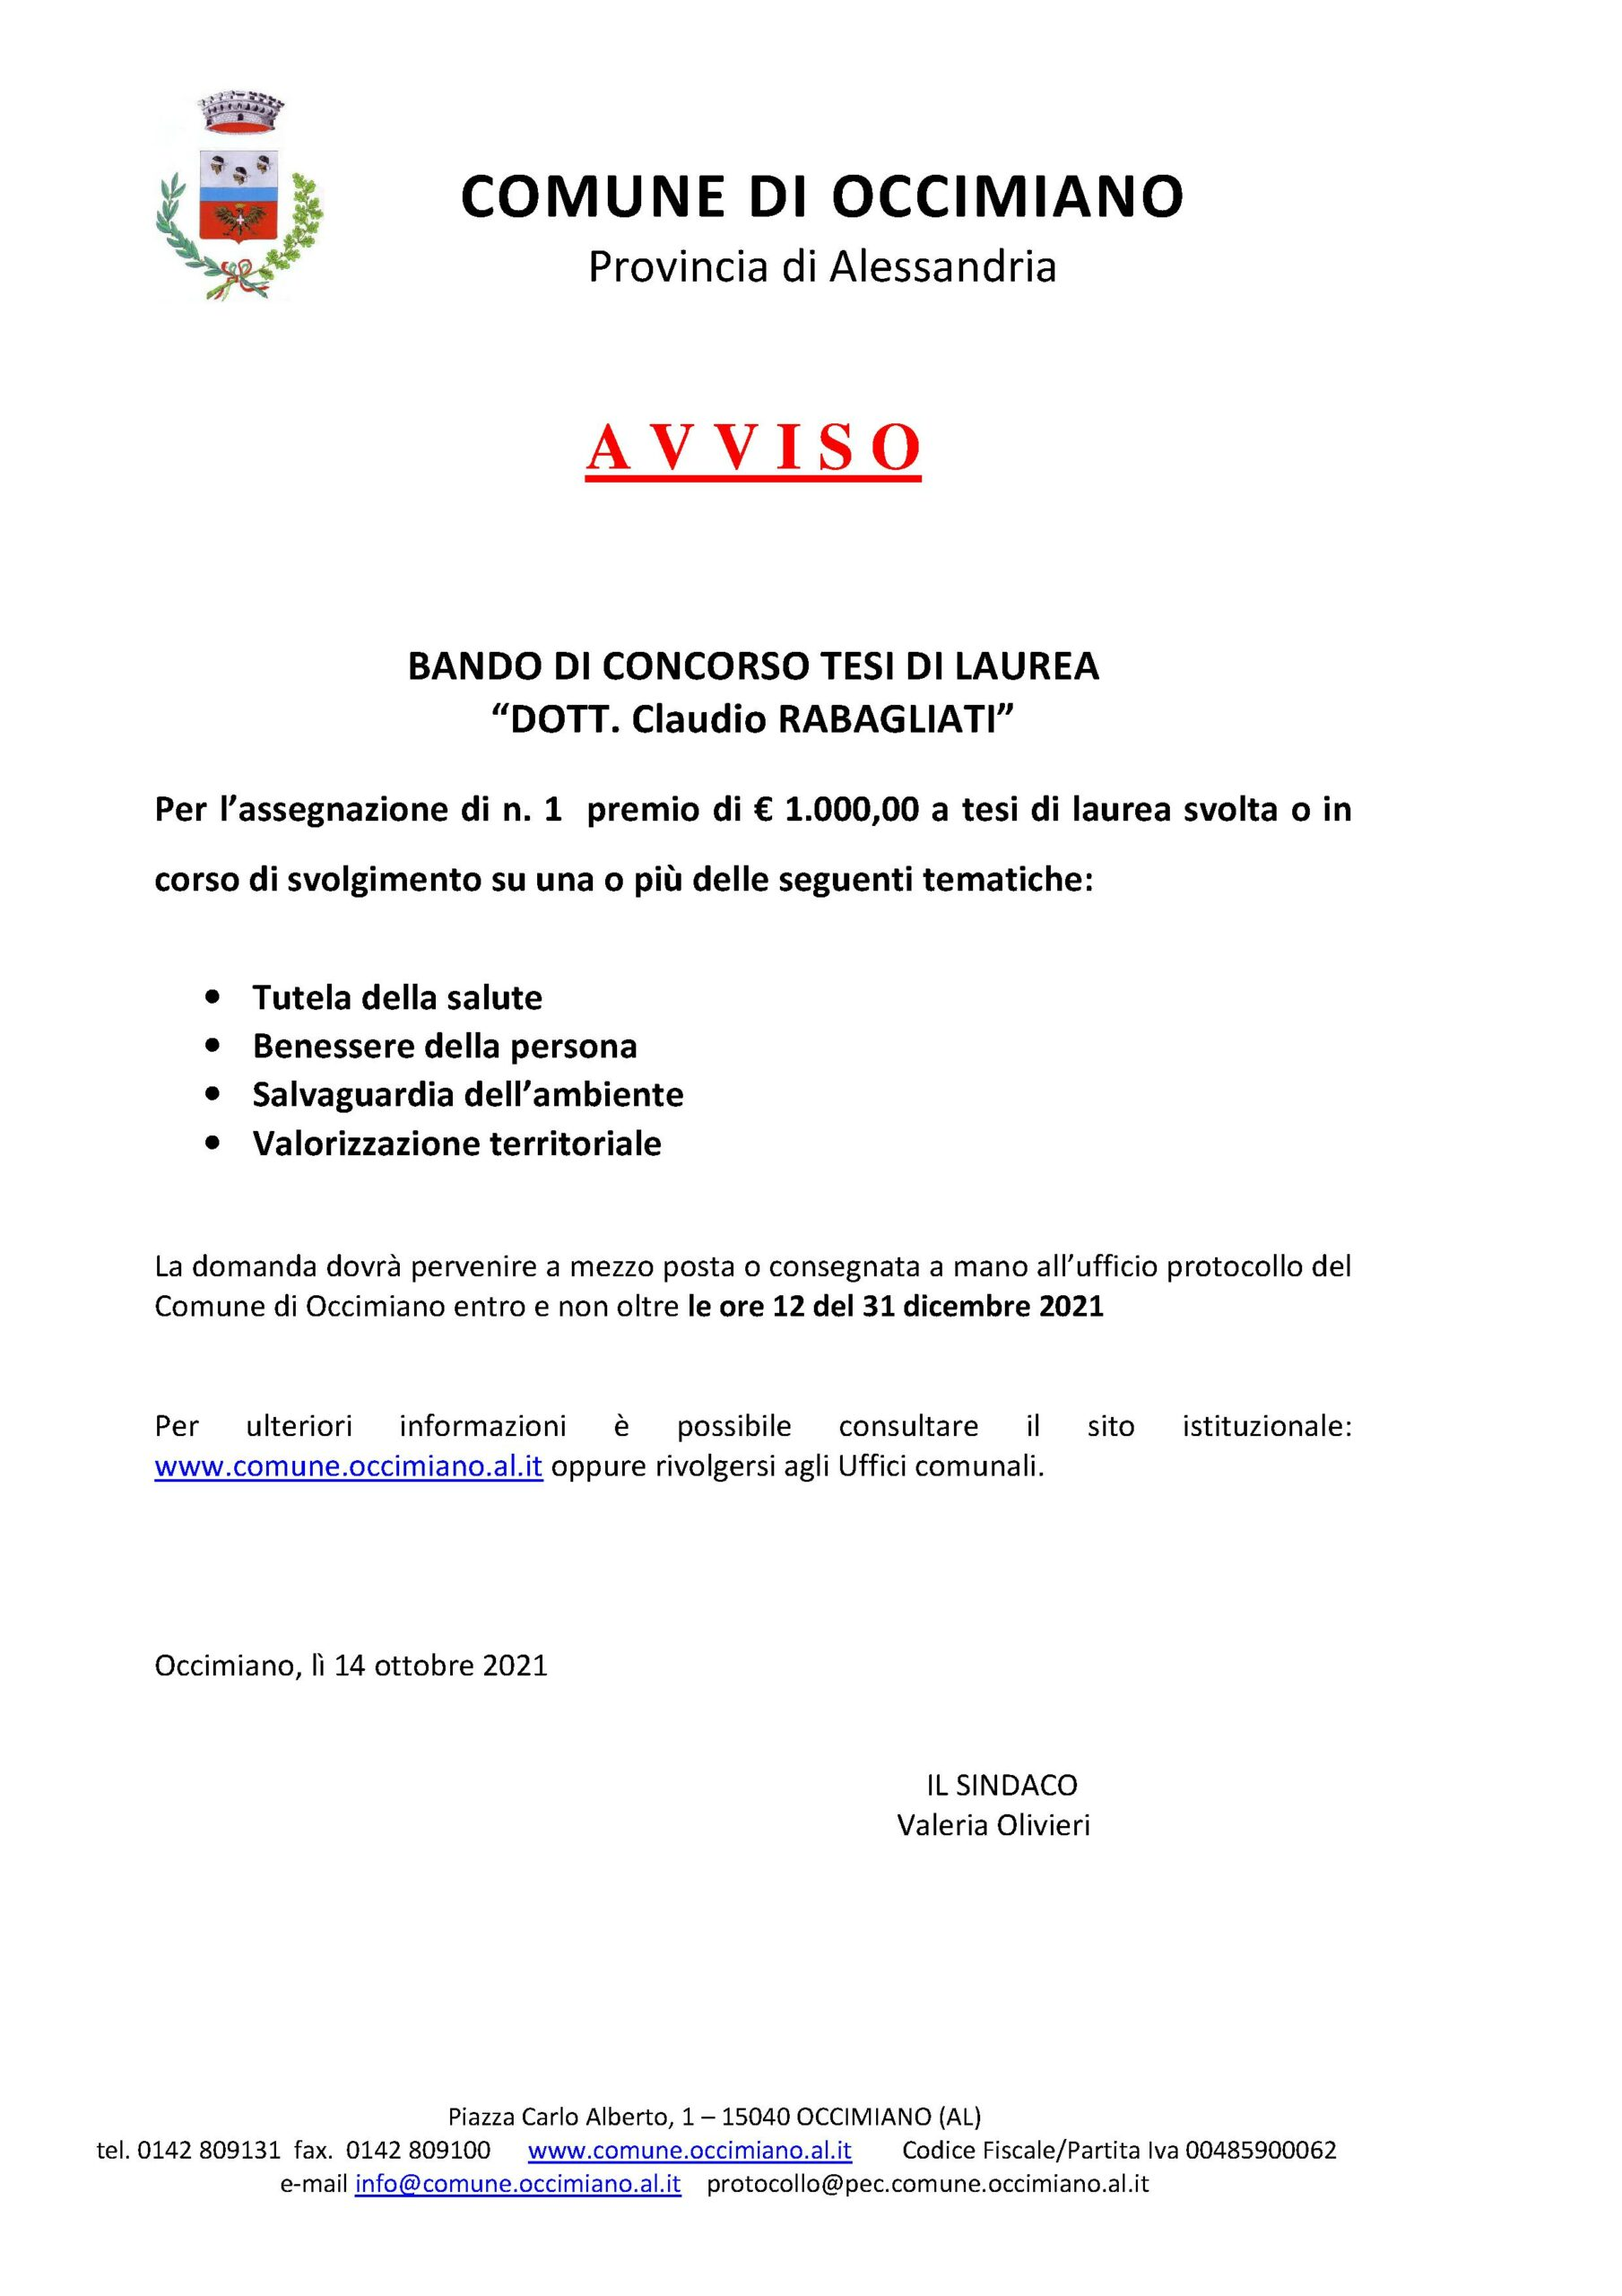 """BANDO DI CONCORSO tesi di laurea """"Dott. Claudio Rabagliati"""""""